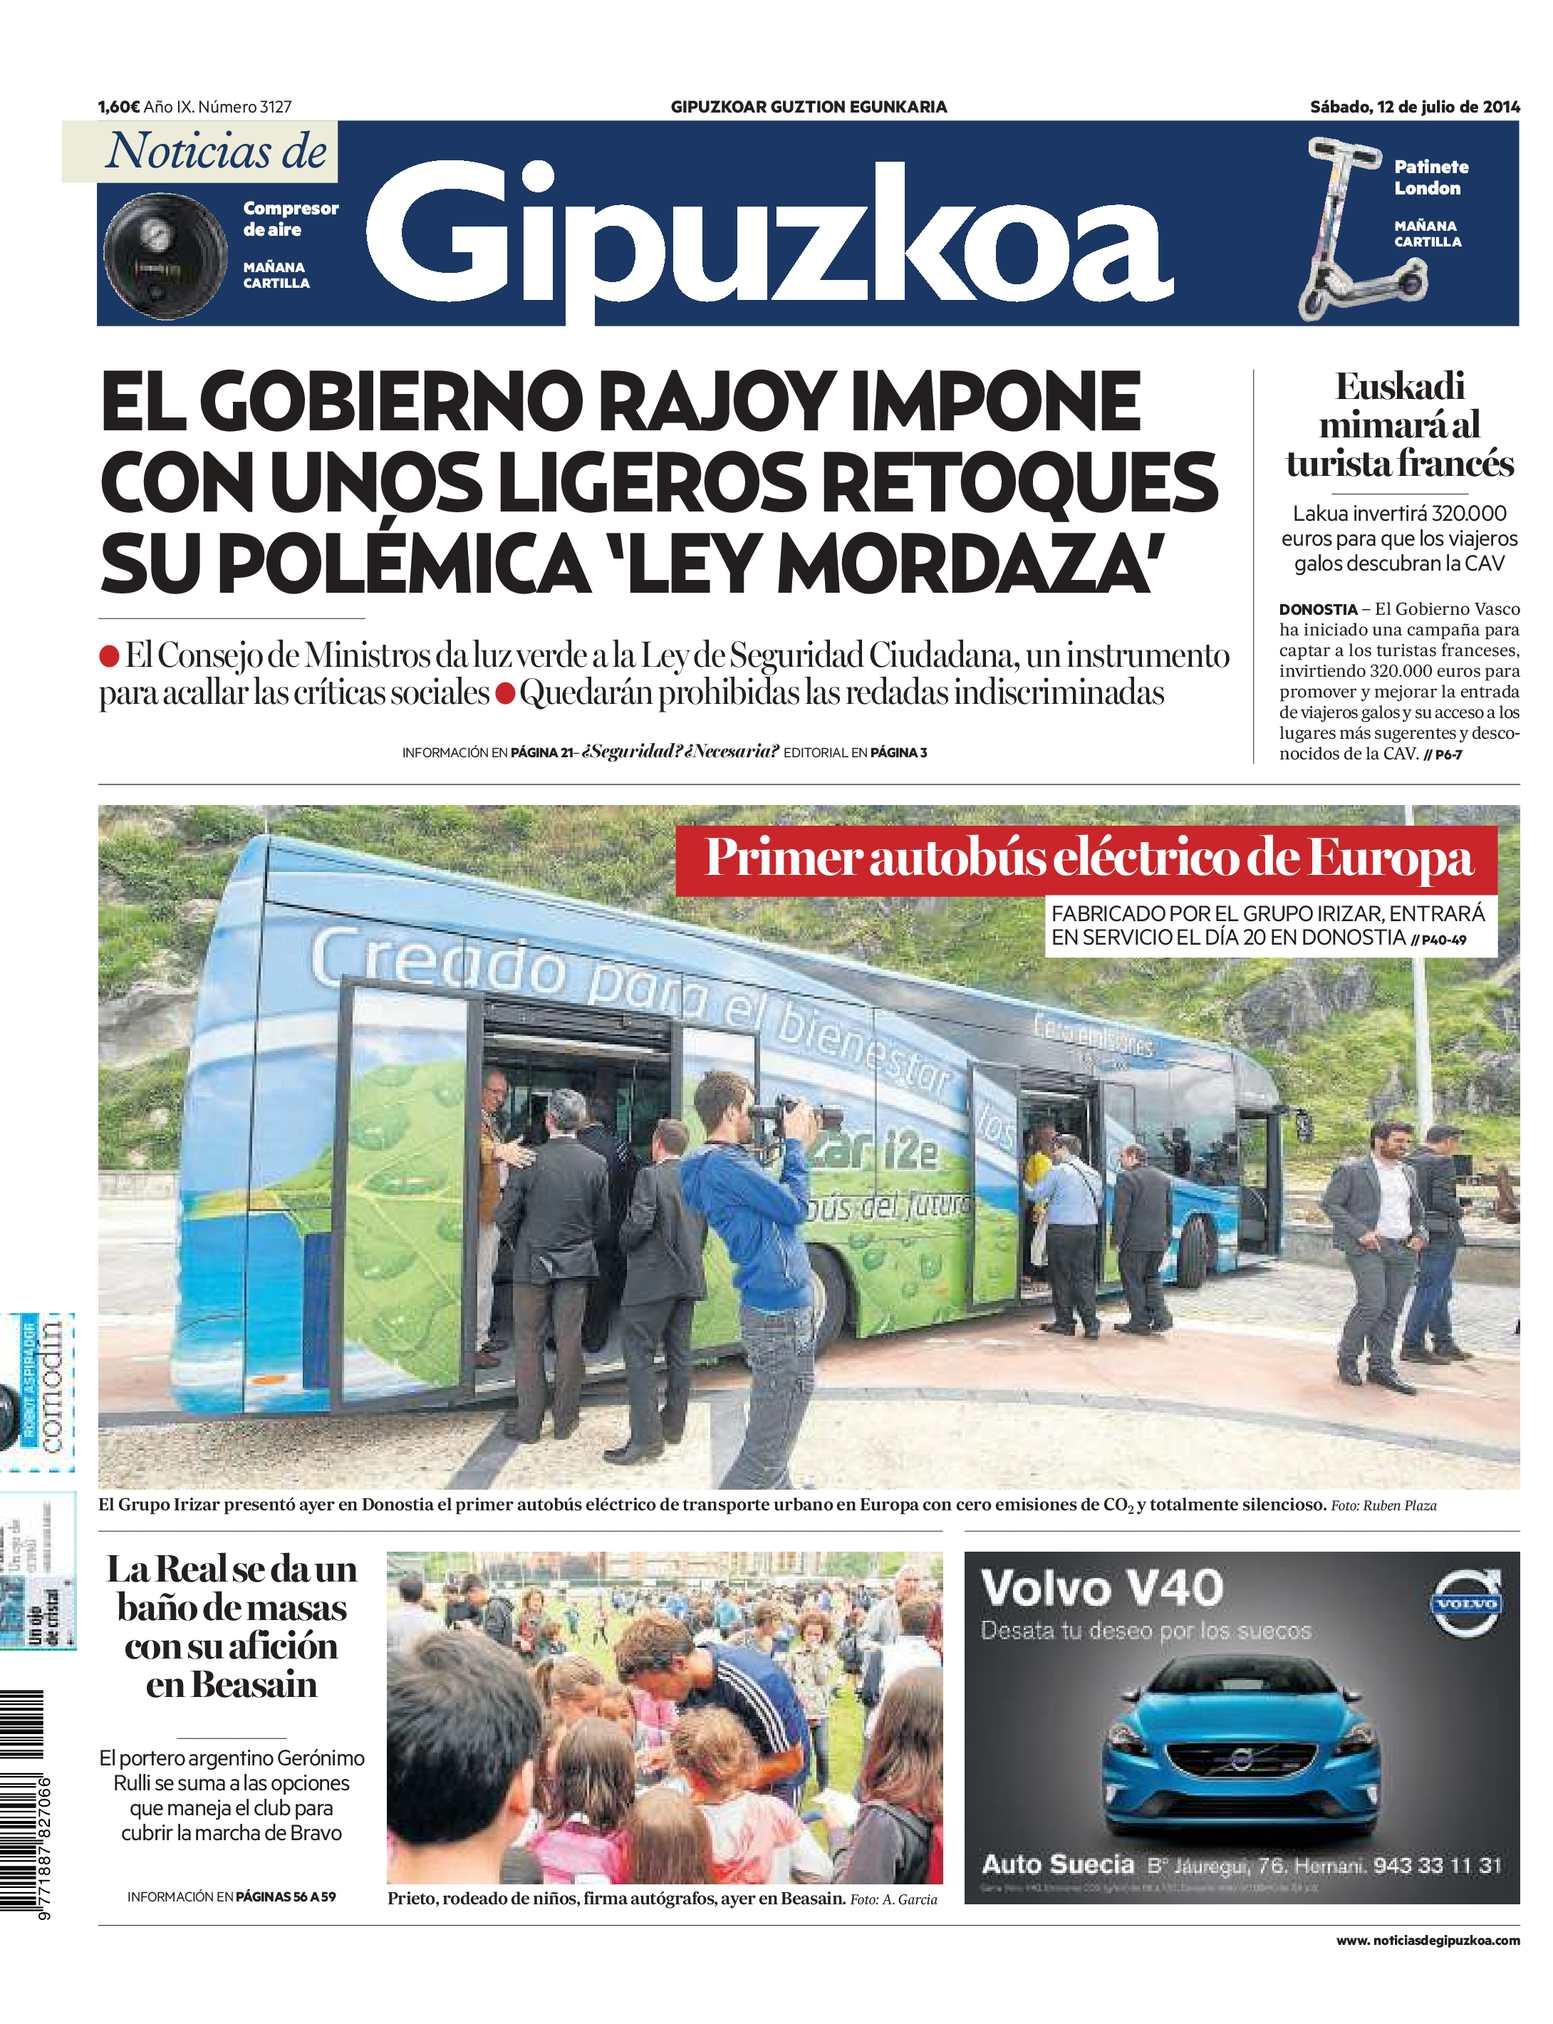 234abbbaa3 Calaméo - Noticias de Gipuzkoa 20140712